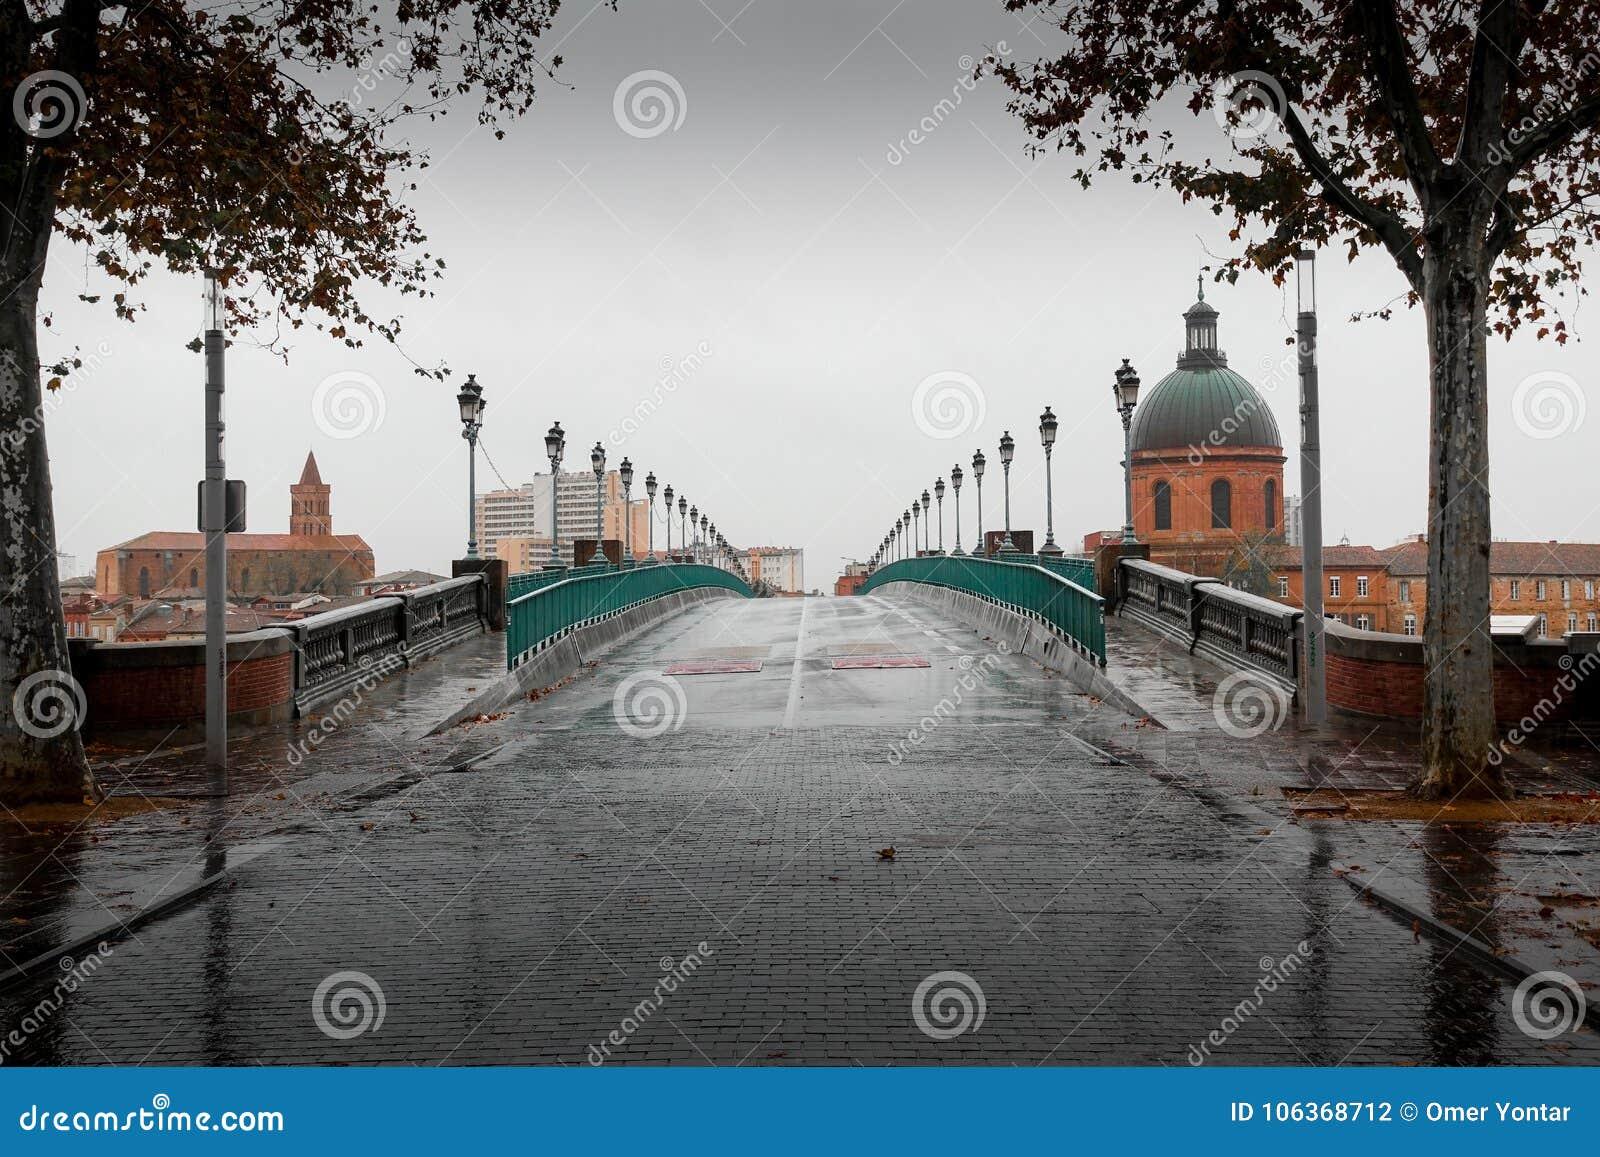 Ciudad de Toulouse y ciudad y castillo viejos de Carcasona